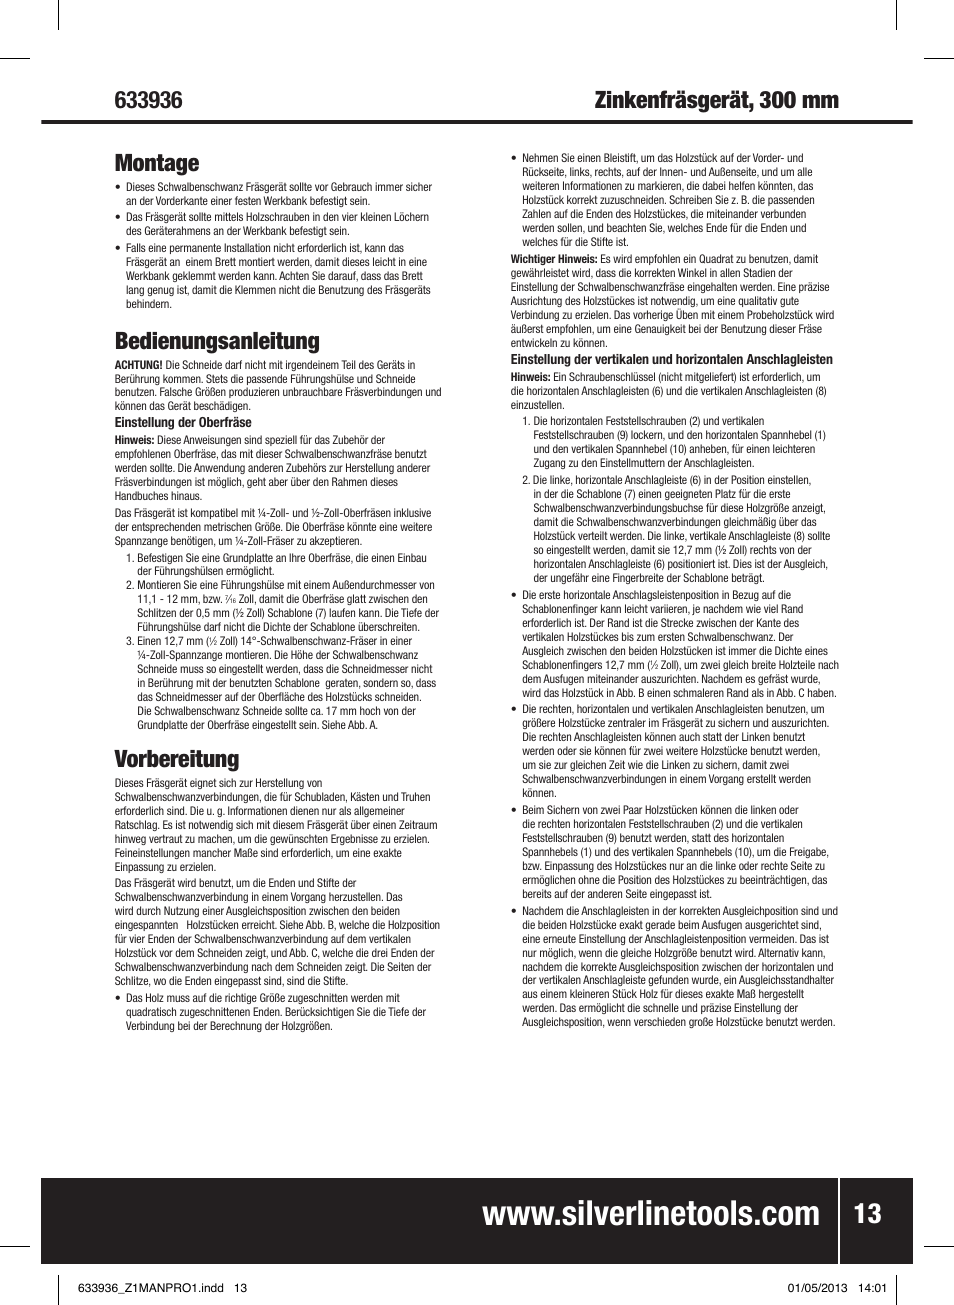 Silverline Dunstabzugshaube Bedienungsanleitung 2021